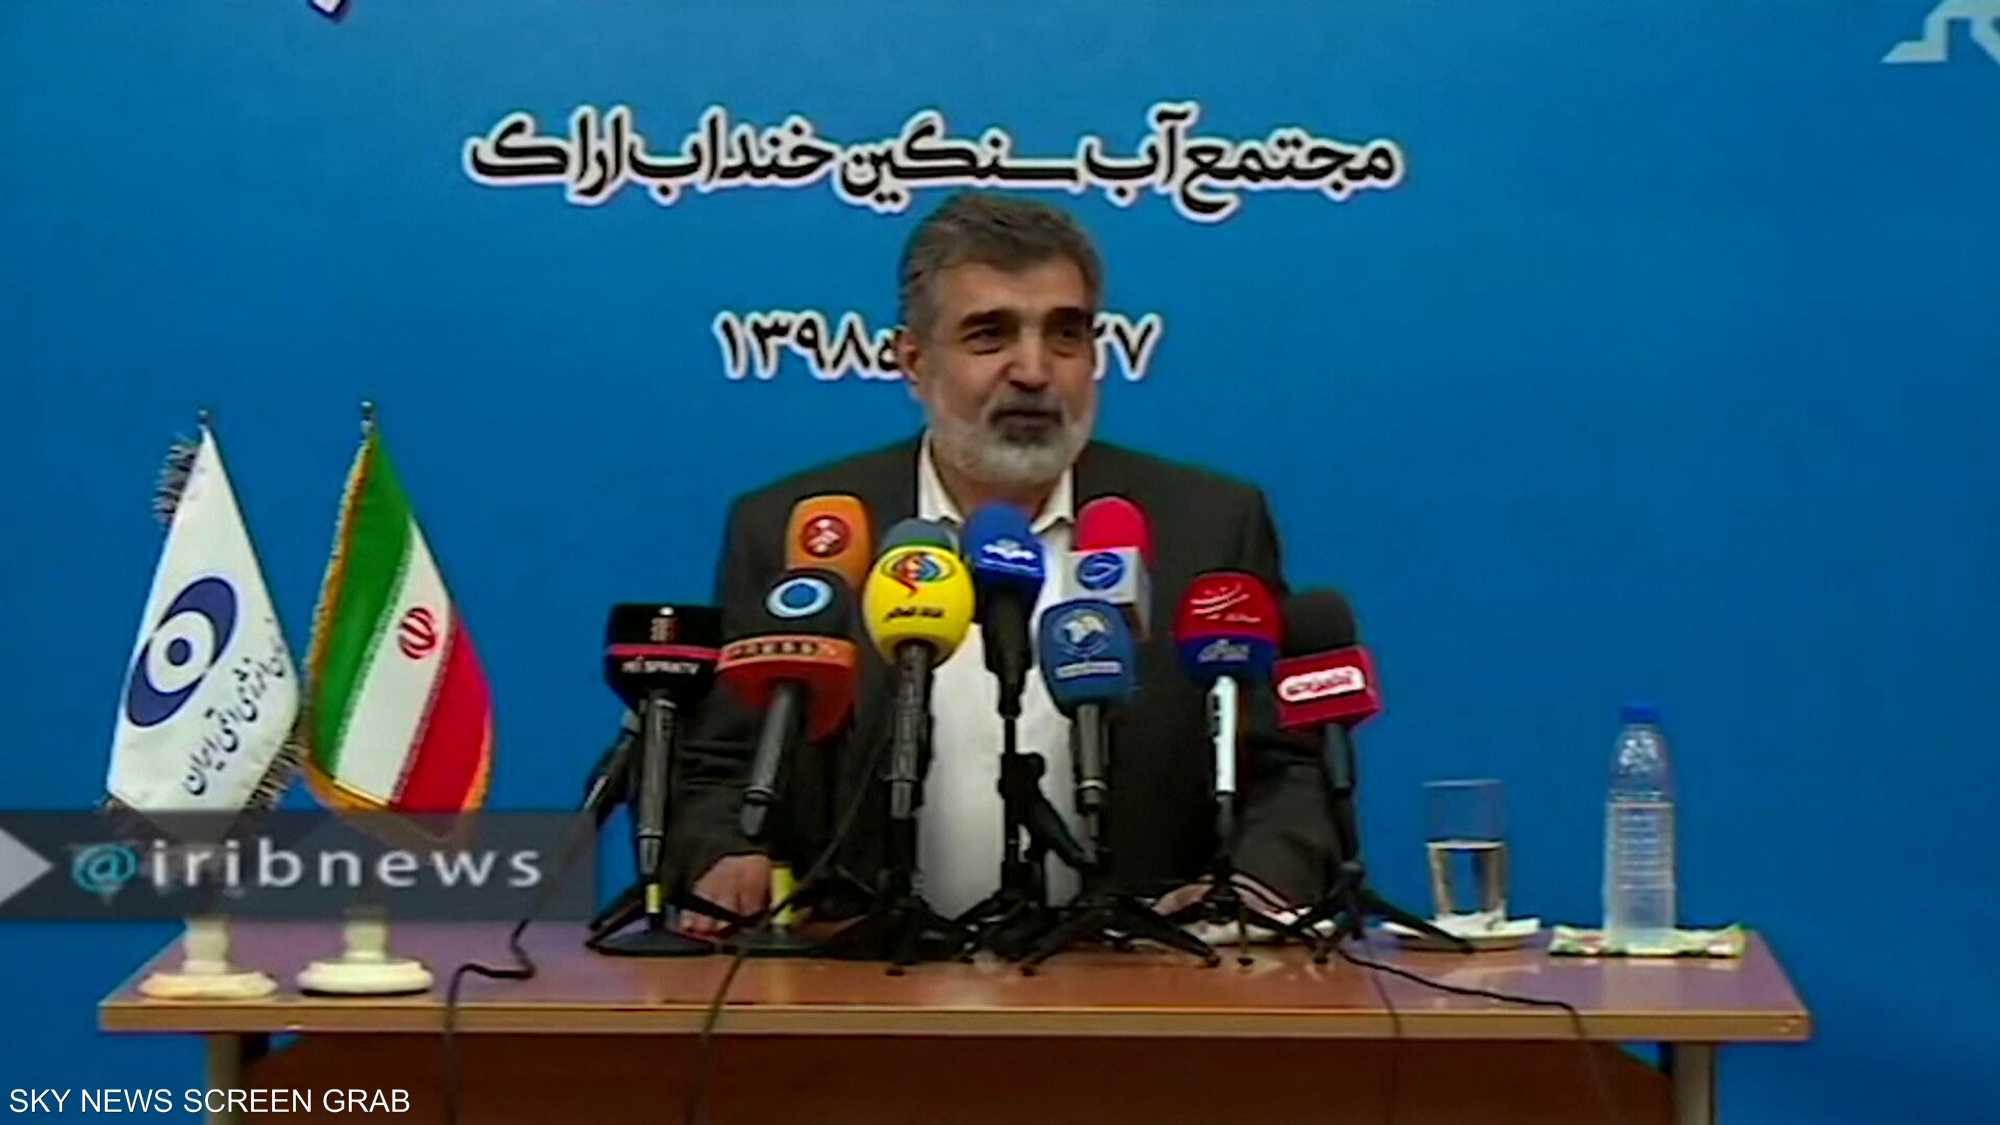 إيران ترفع تخصيب اليورانيوم إلى 20% بحلول نهاية الشهر